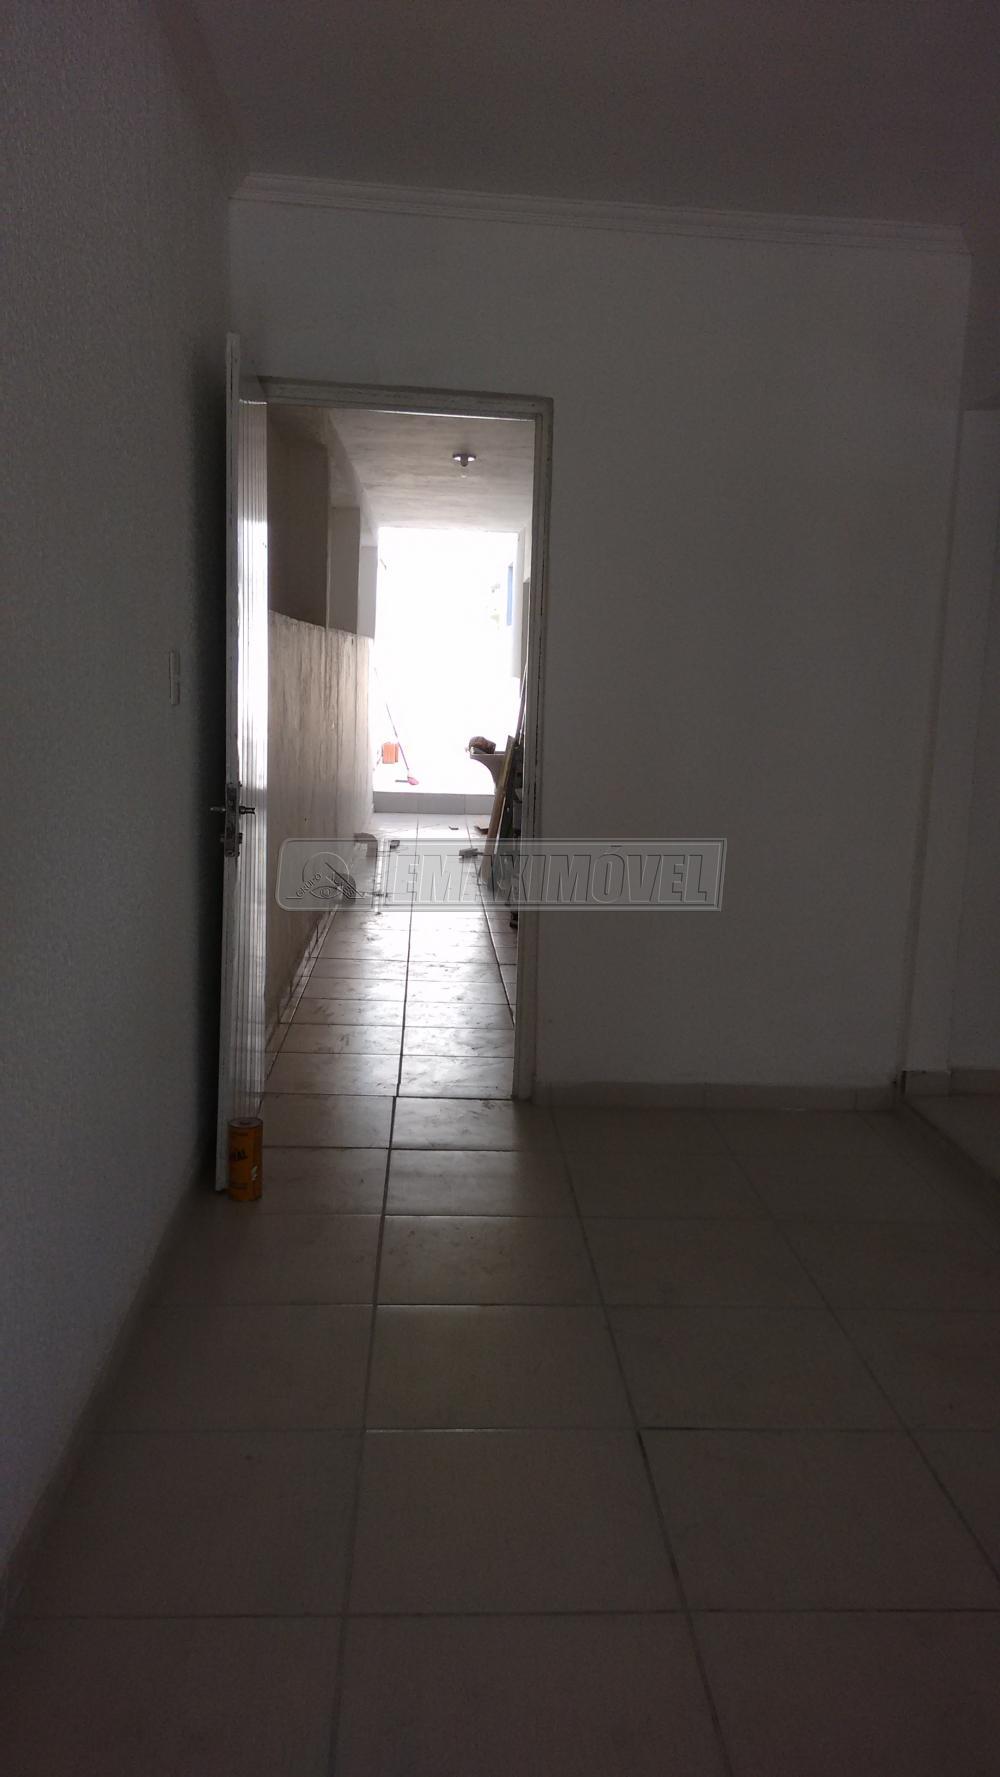 Comprar Casas / em Bairros em Sorocaba apenas R$ 240.000,00 - Foto 9